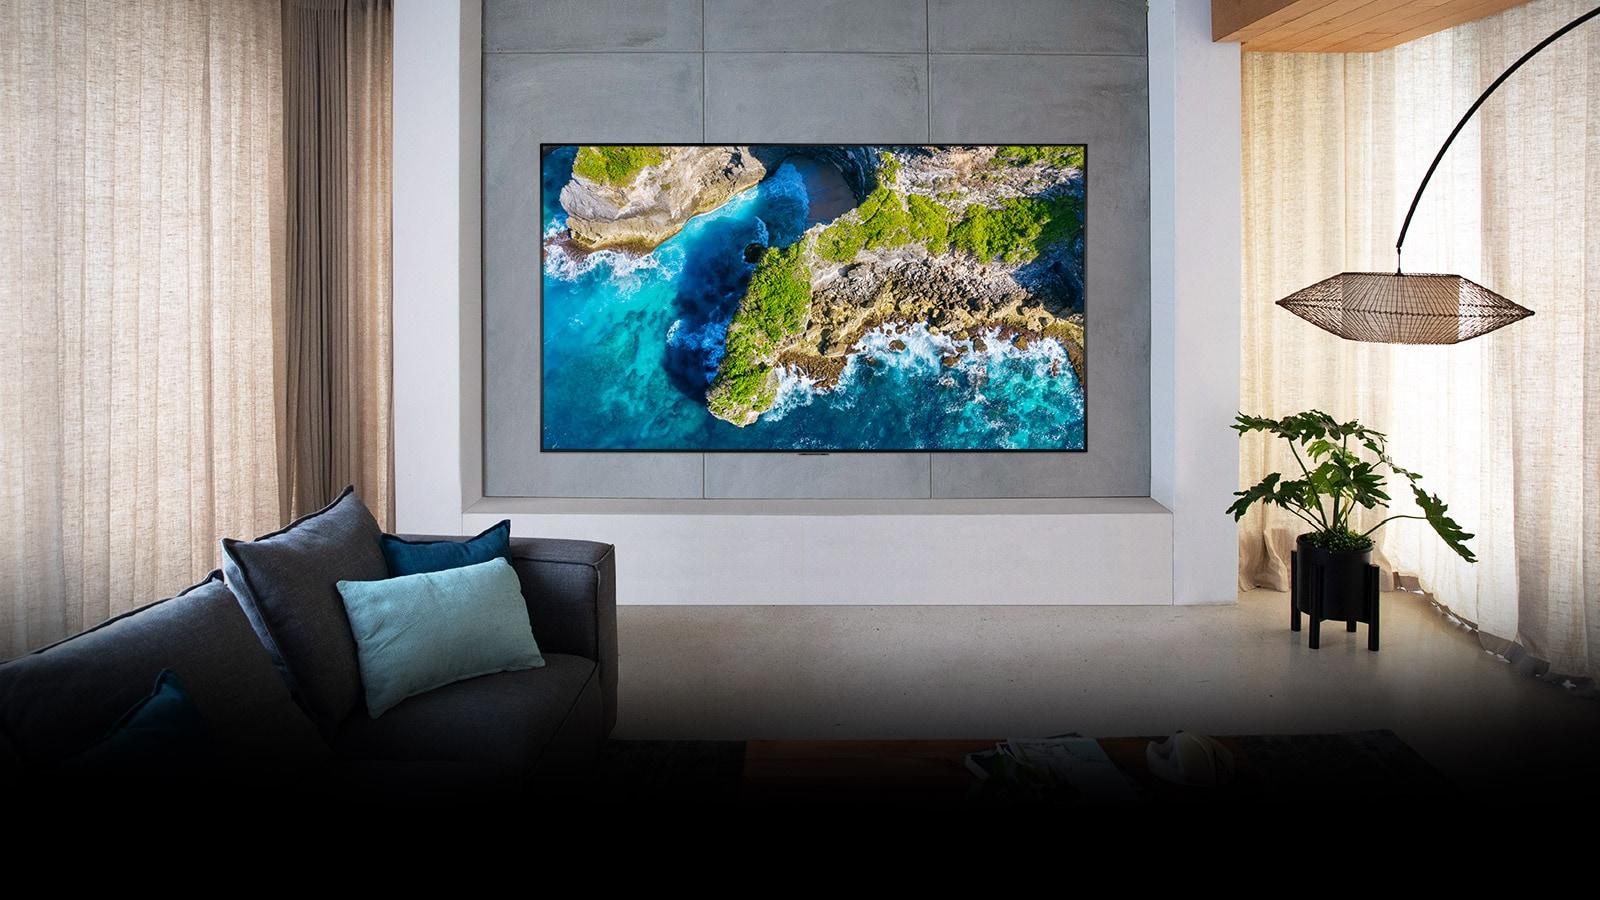 LG OLED77GXPTA Luxury Experience